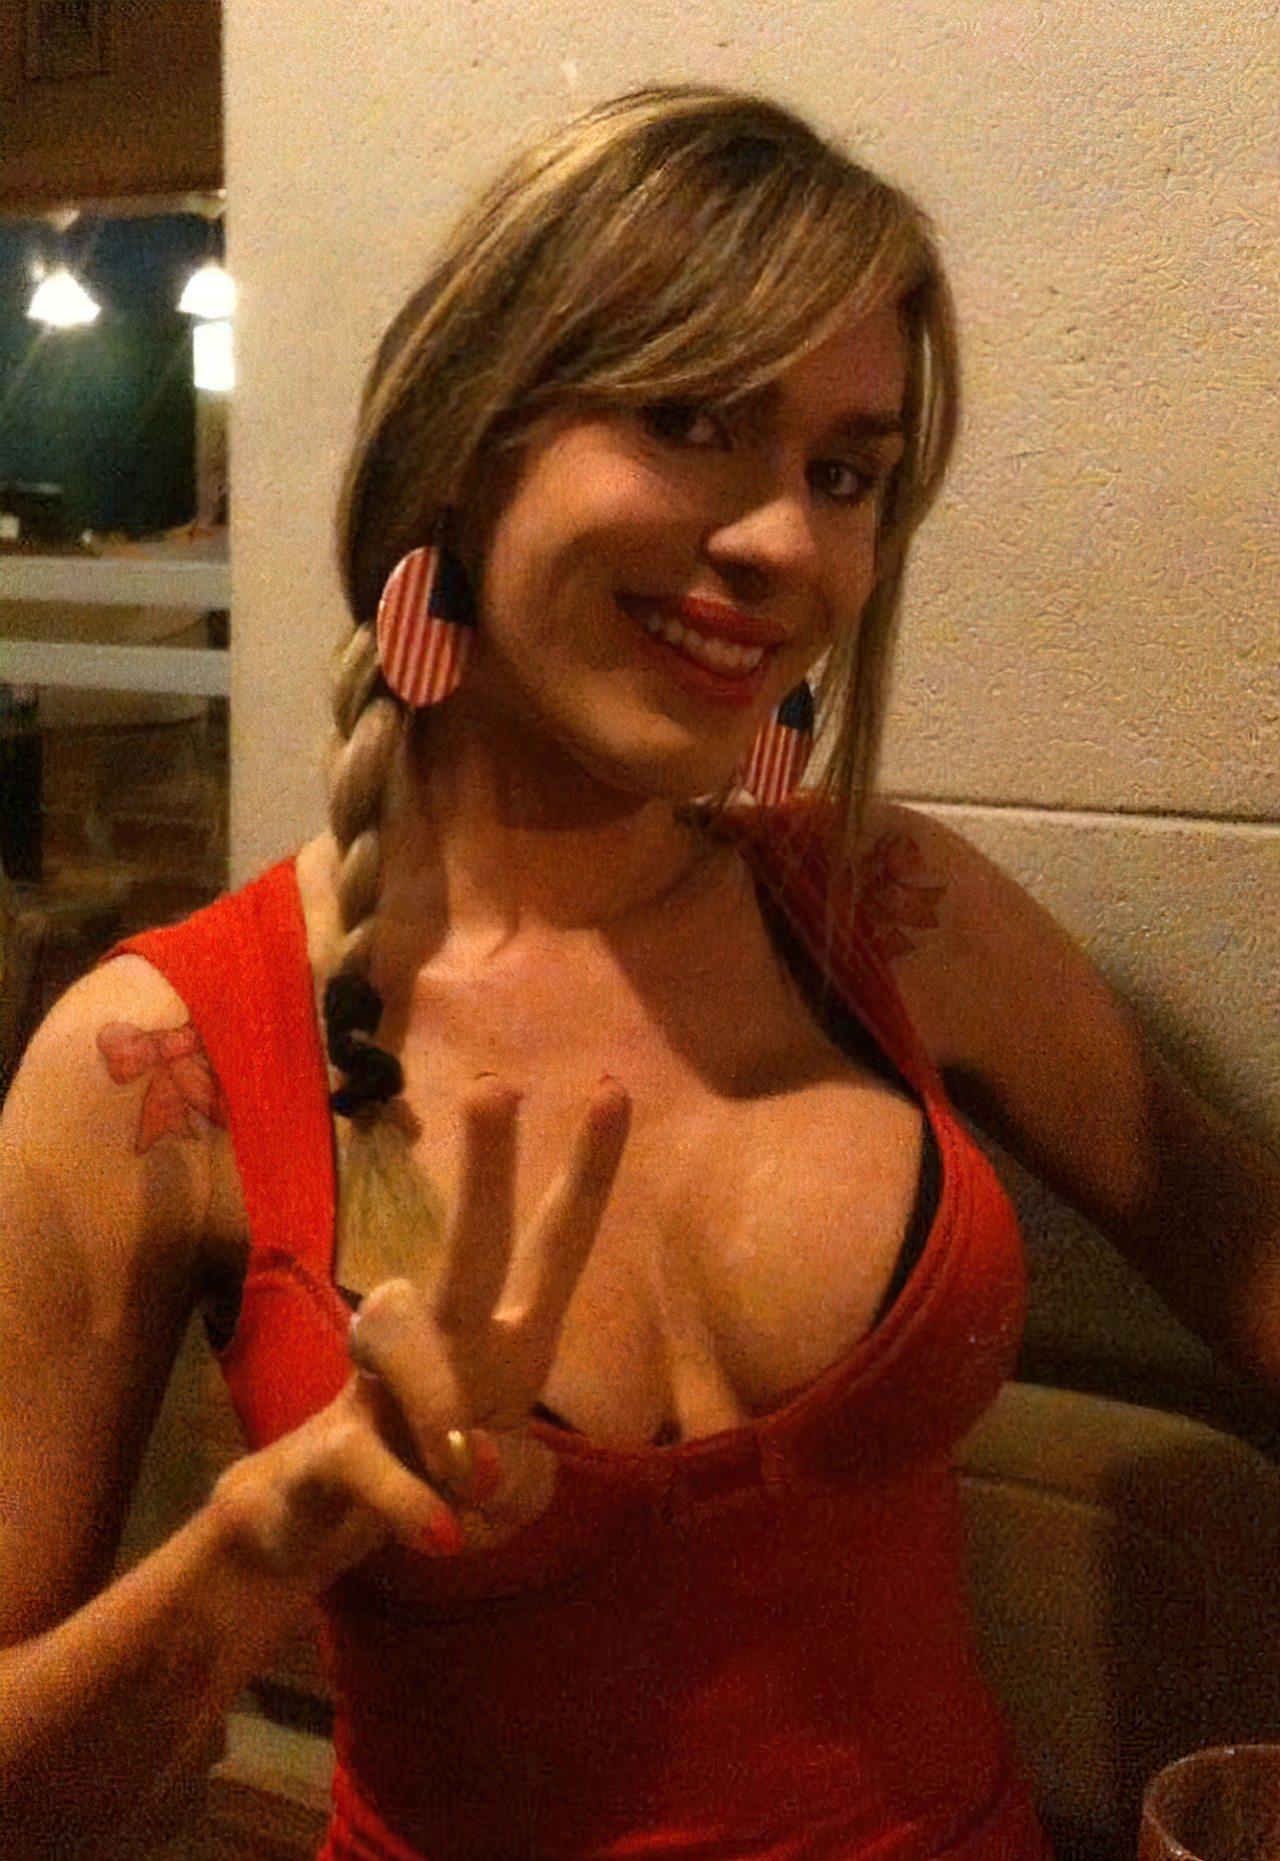 Fotos de Travesti Brasileira (2)